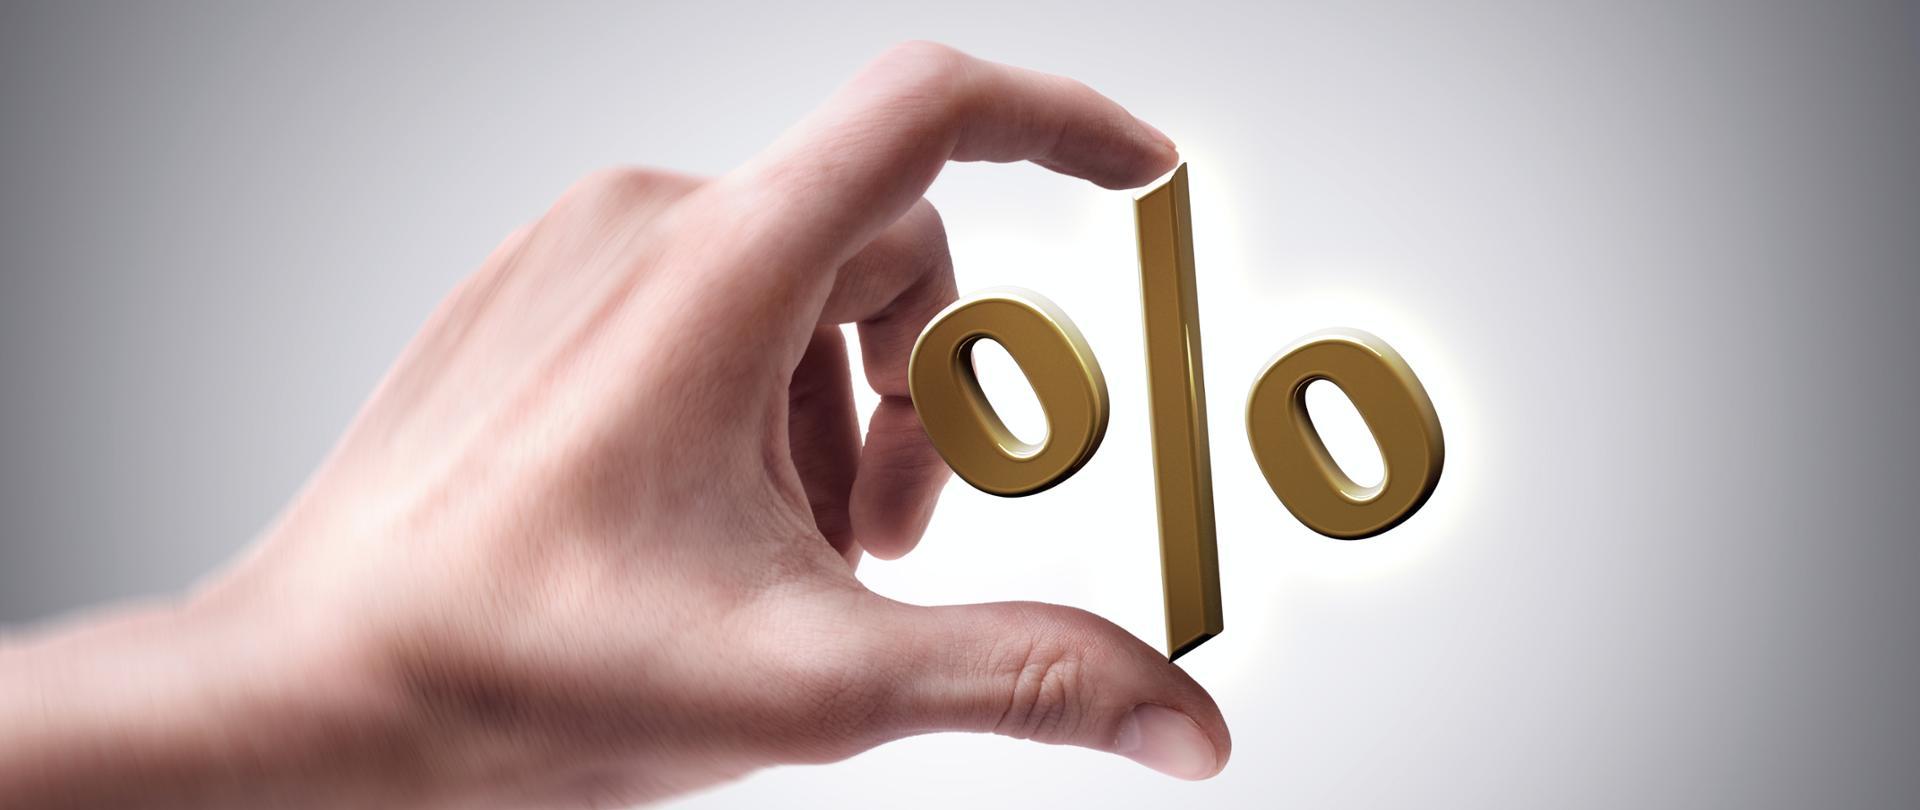 Złoty procent pomiędzy dwoma palcami